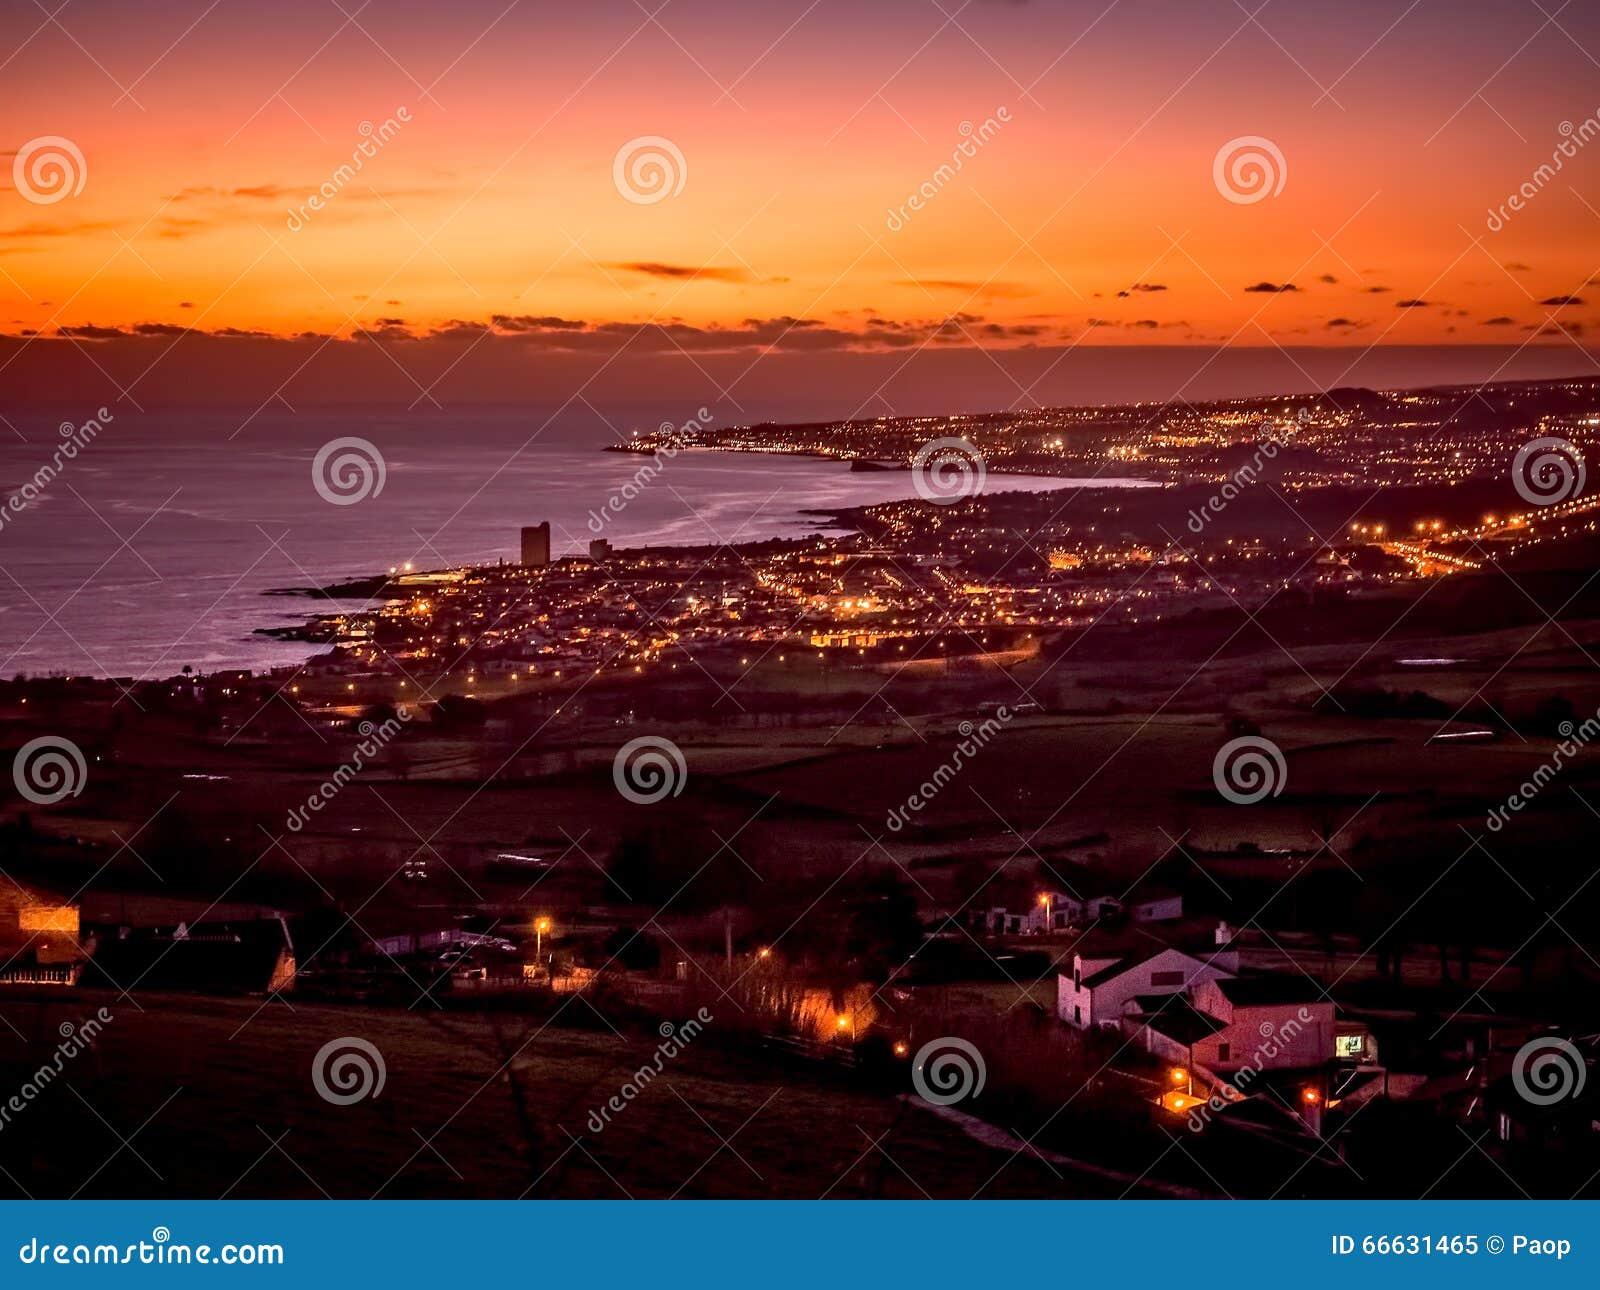 Ponta Delgada at sunset